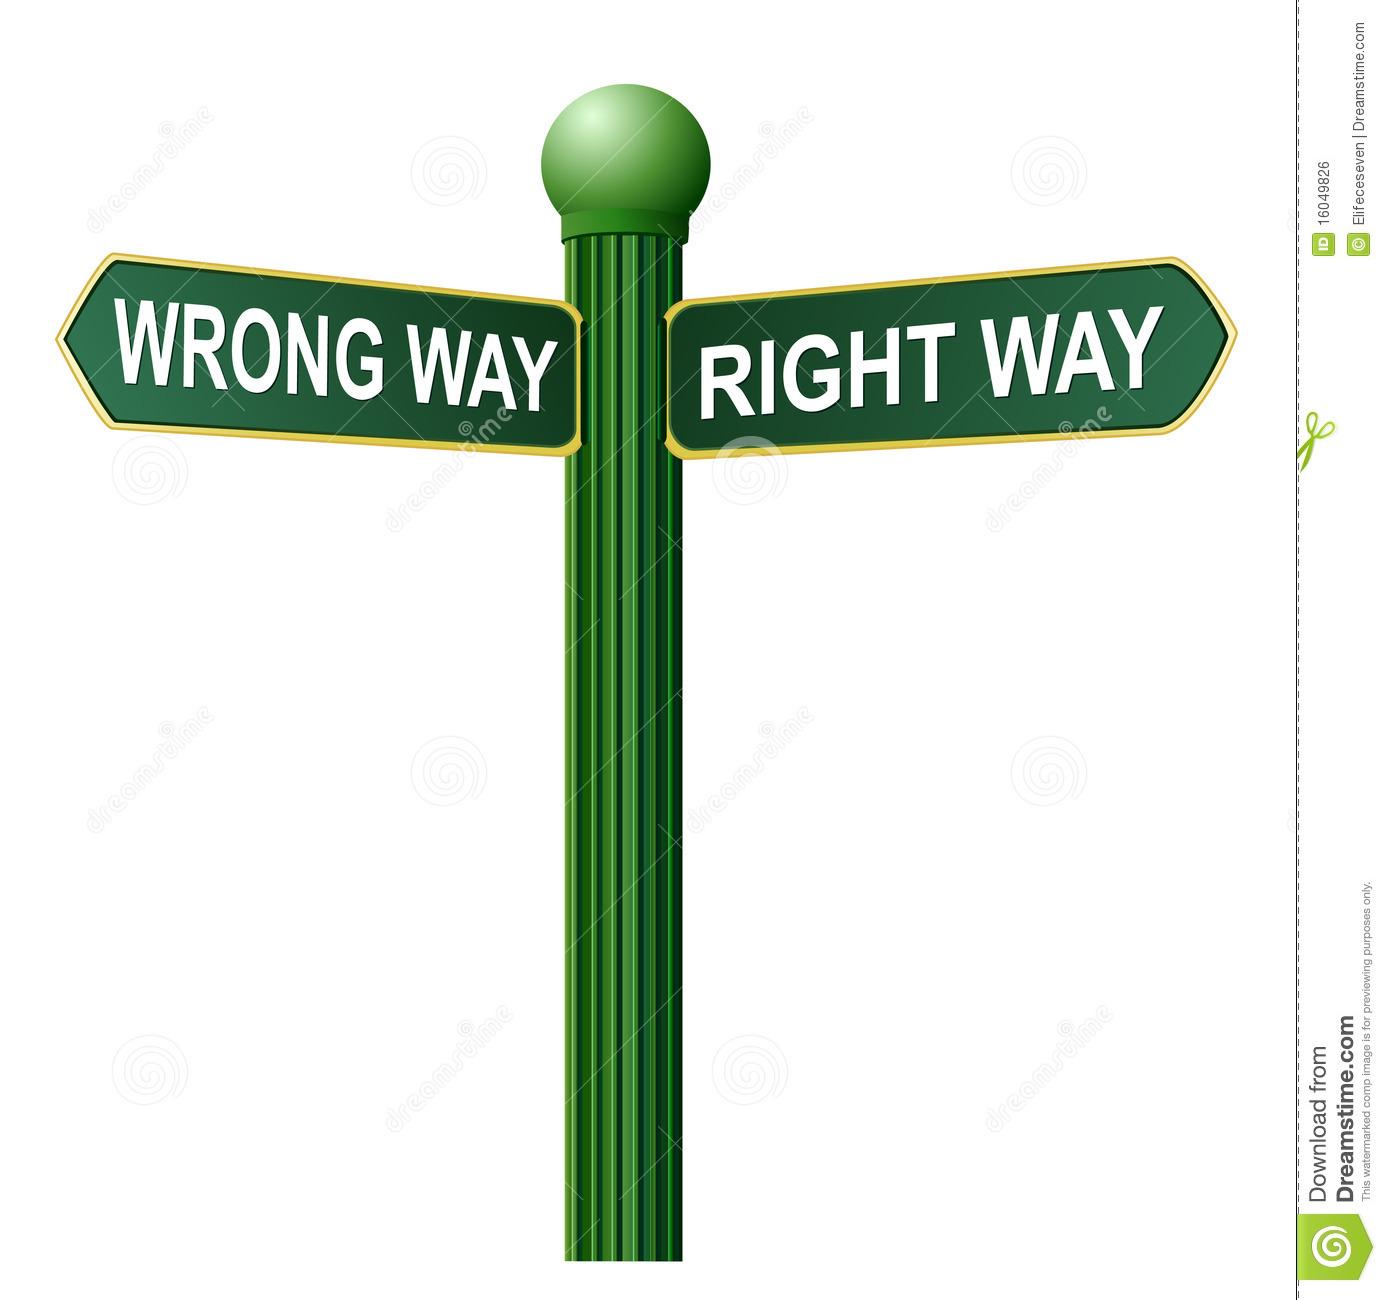 Clip Art Street Sign Clipart street sign clipart kid wrong way right royalty free stock image image